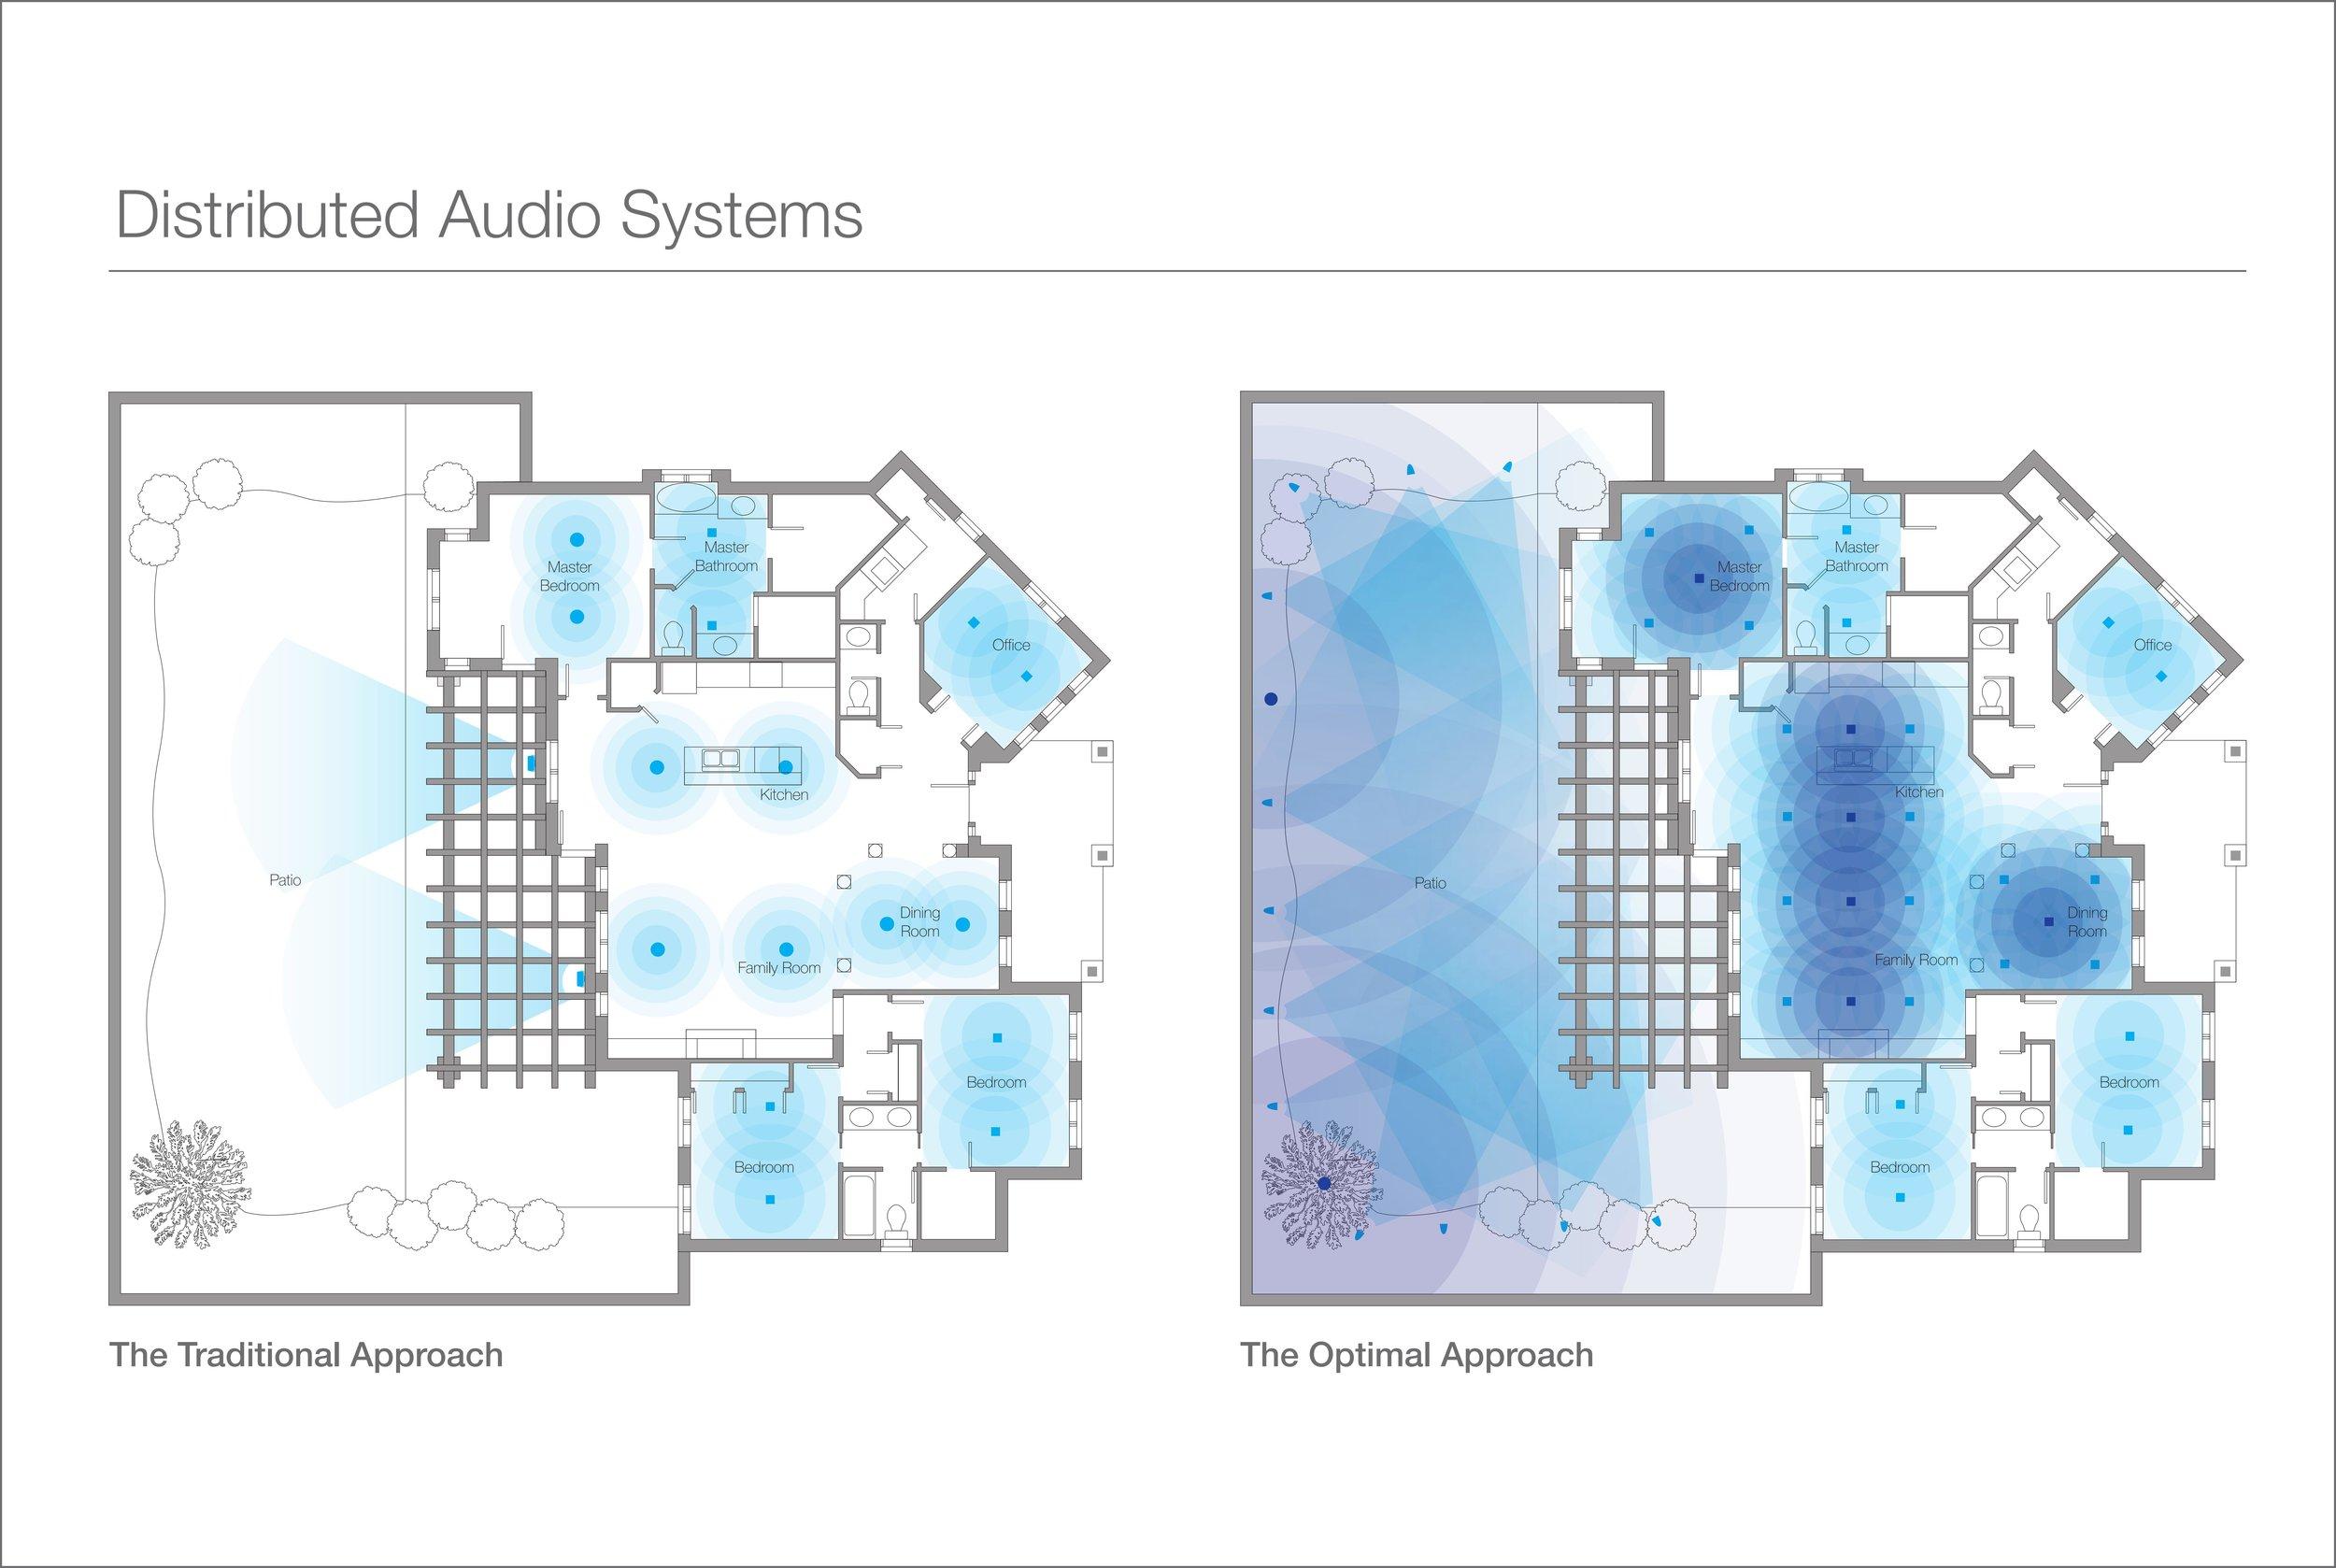 Speaker_Systems_Display.jpg